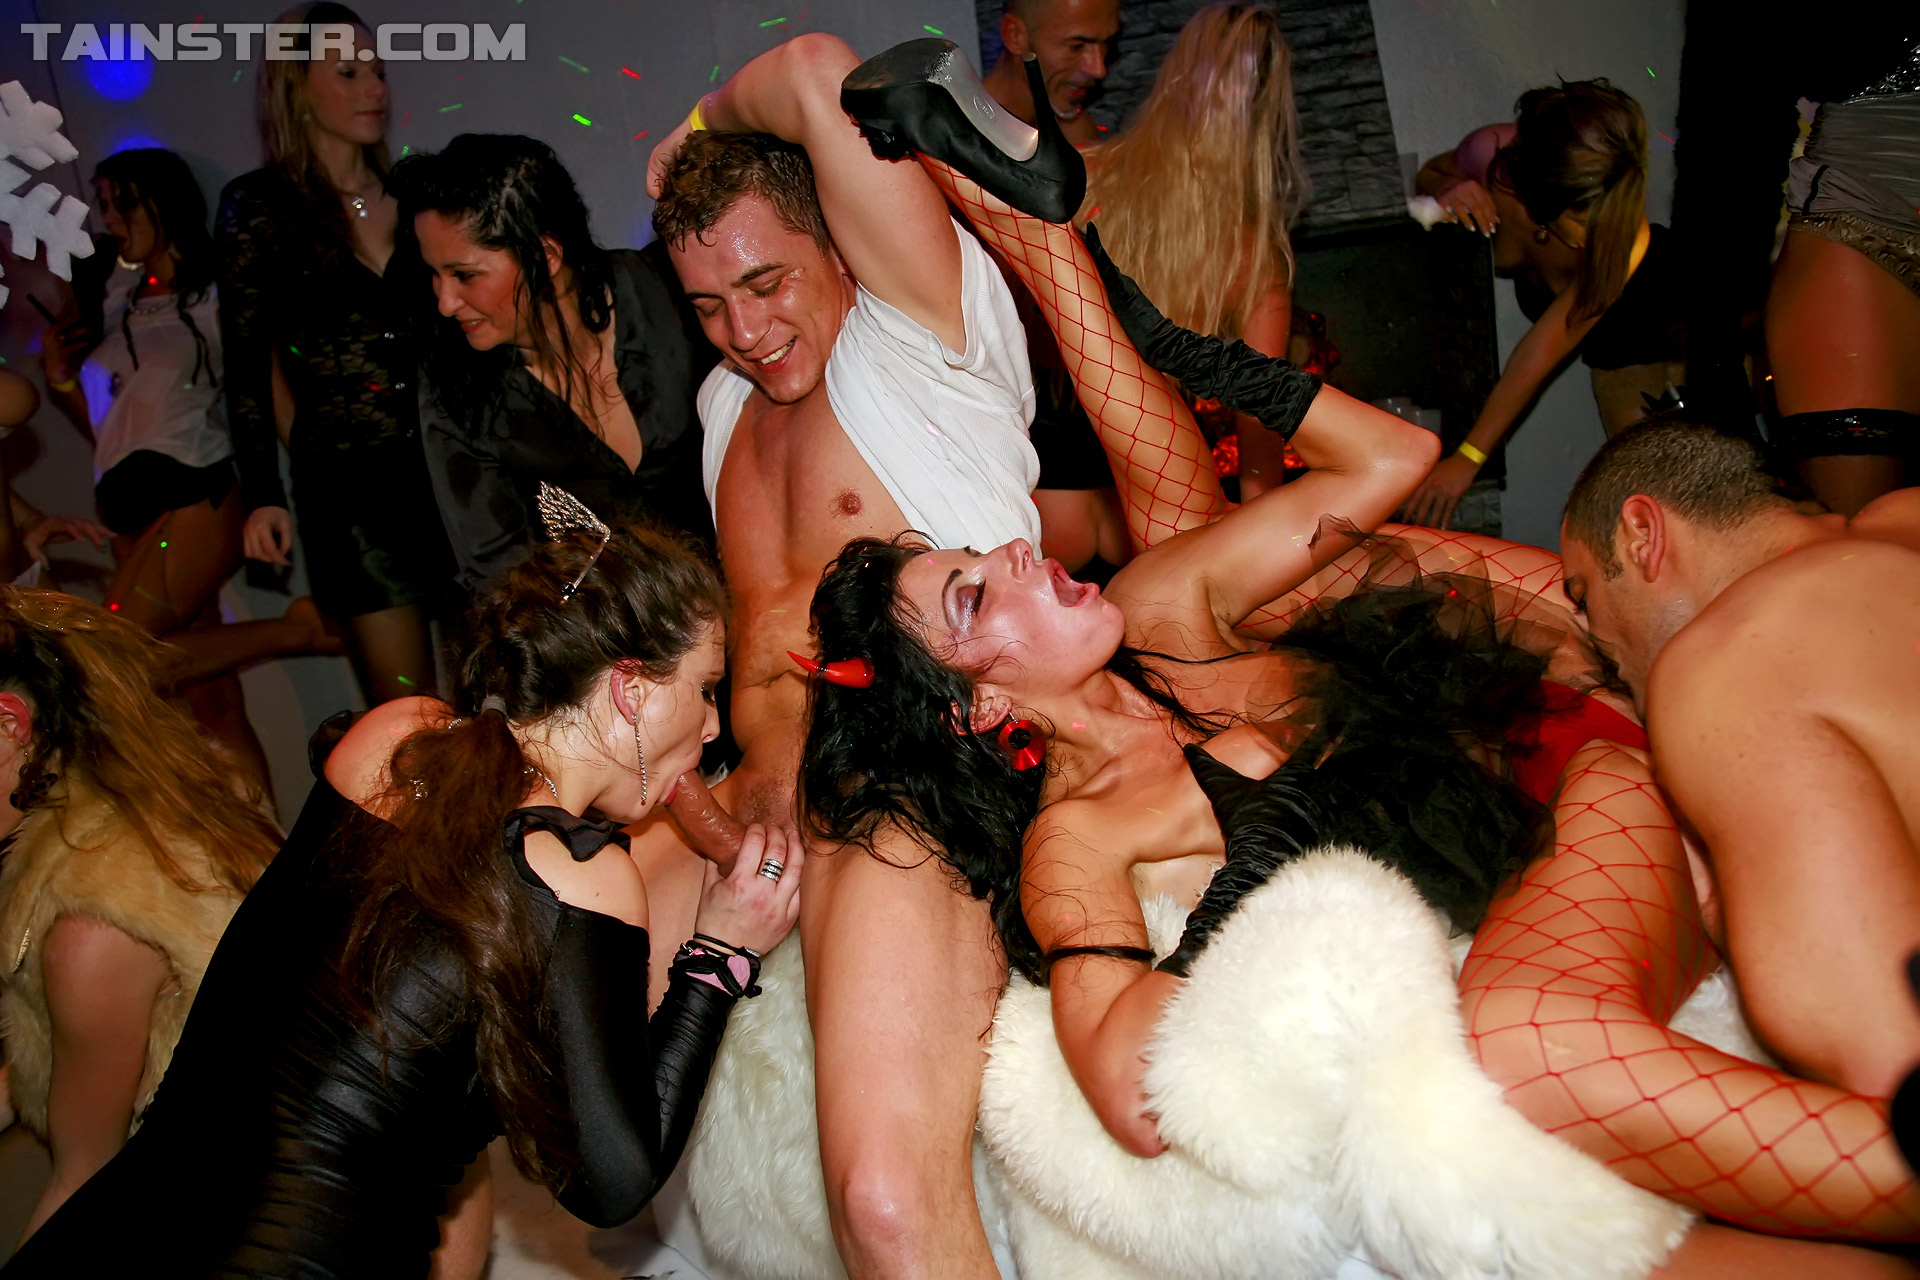 Пьяные оргии hd, Групповуха с пьяной - 91 видео. Смотреть групповуха 22 фотография